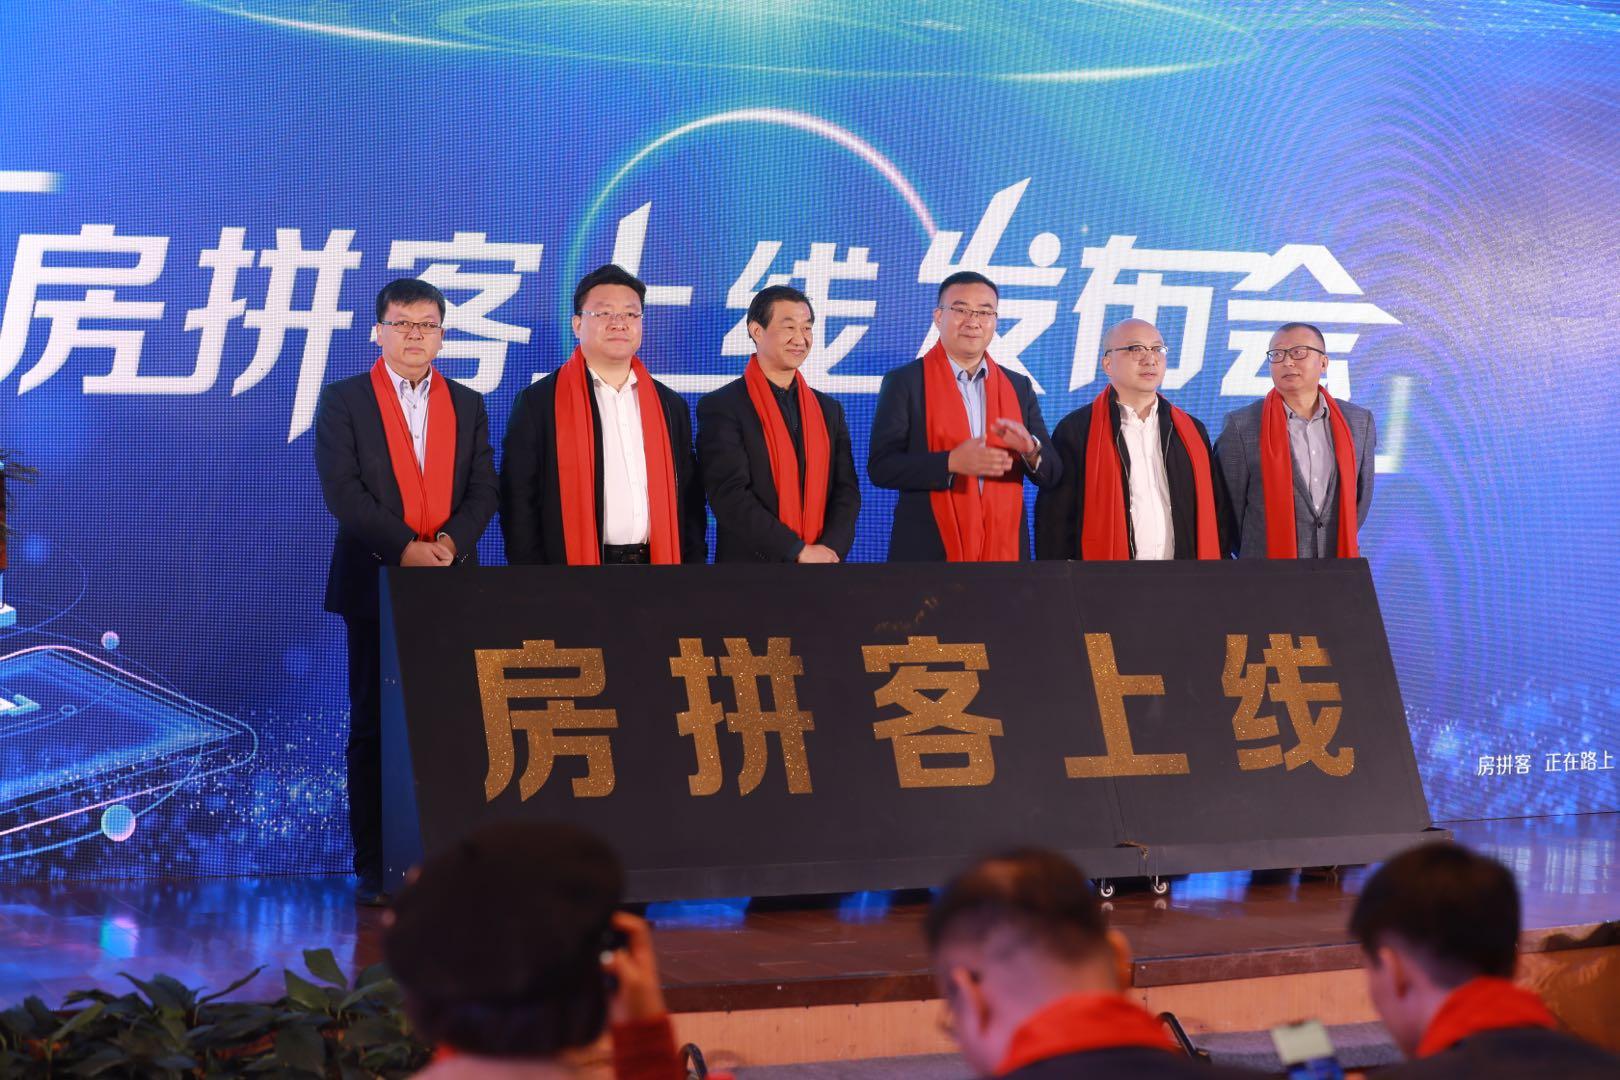 房拼客正式上线 旨在解决房地产交易信息差与价值错配等问题-中国网地产